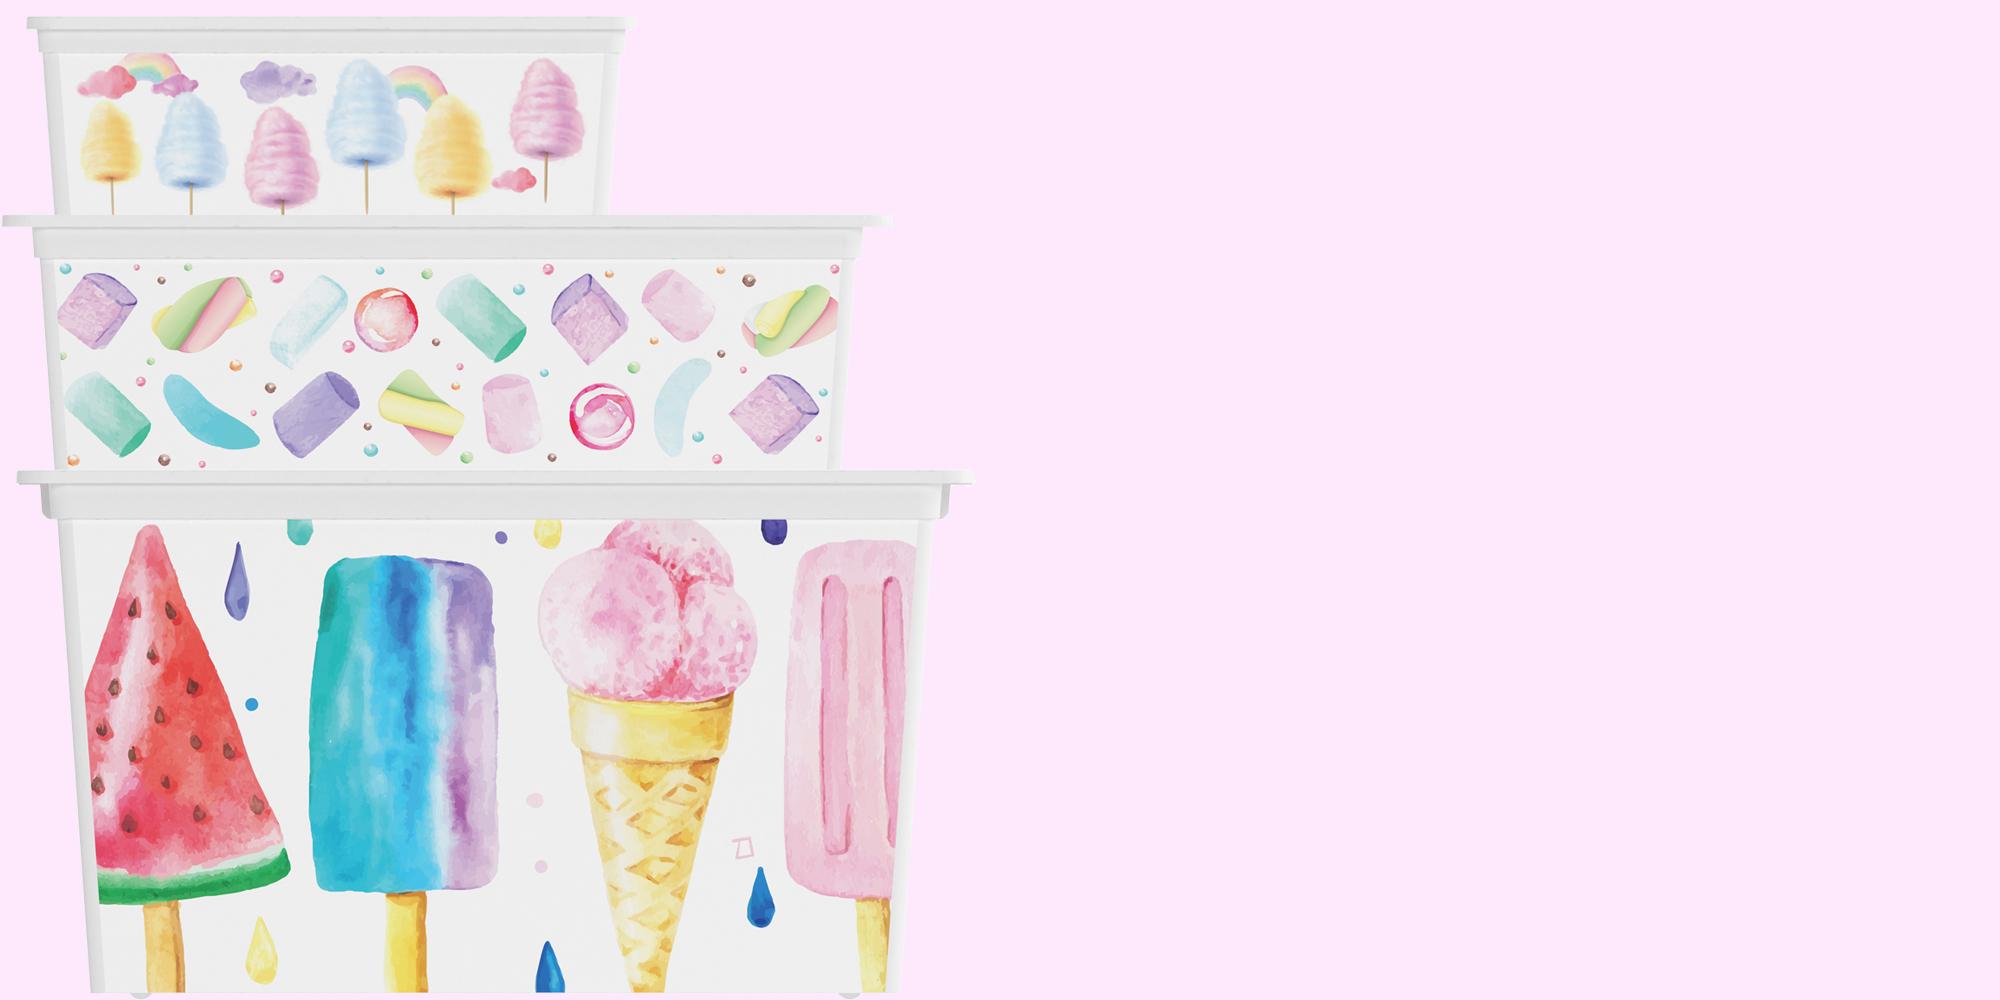 Kis Nuova Collezione C Box Style 2018 | gallery 1